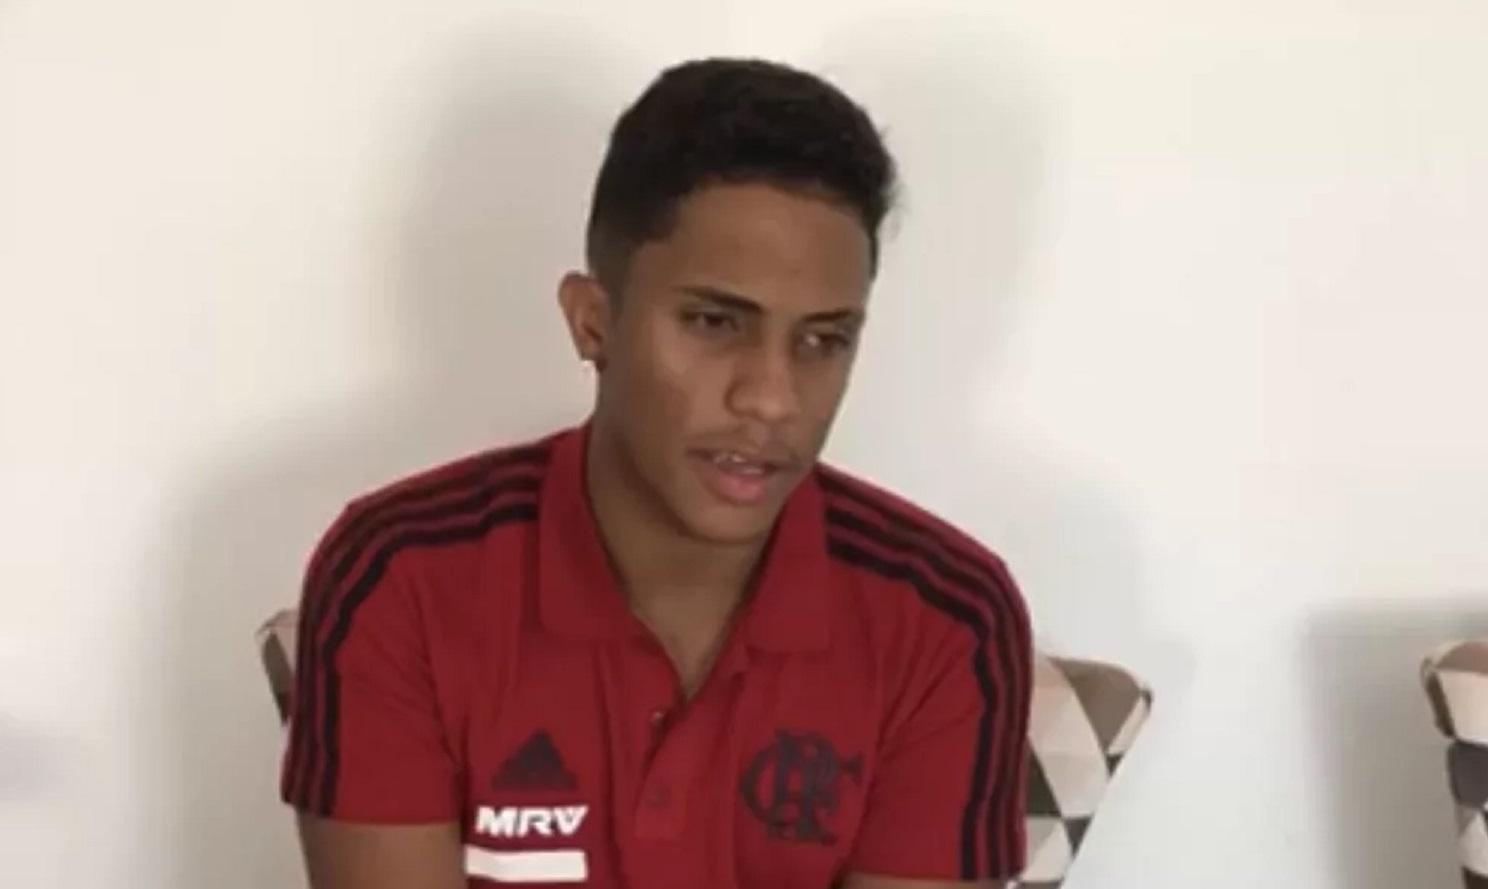 Menino que sobreviveu relata as cenas de horror no CT do Flamengo e faz promessa